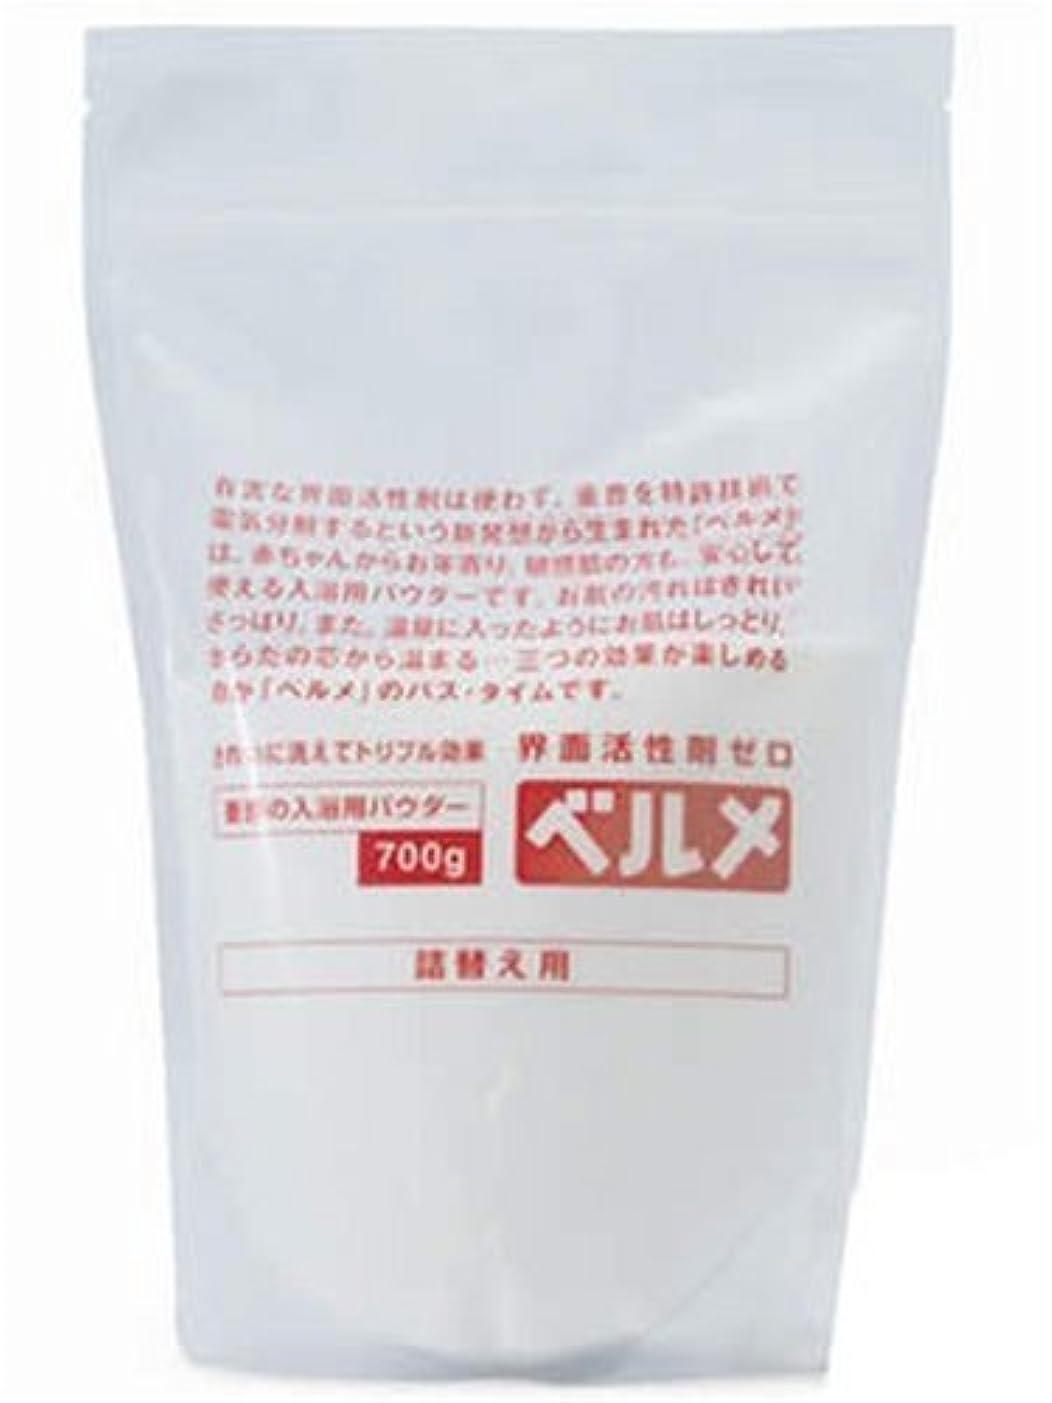 食用化学者機転ベルメ 重曹入浴用パウダー(界面活性剤ゼロ) 700g